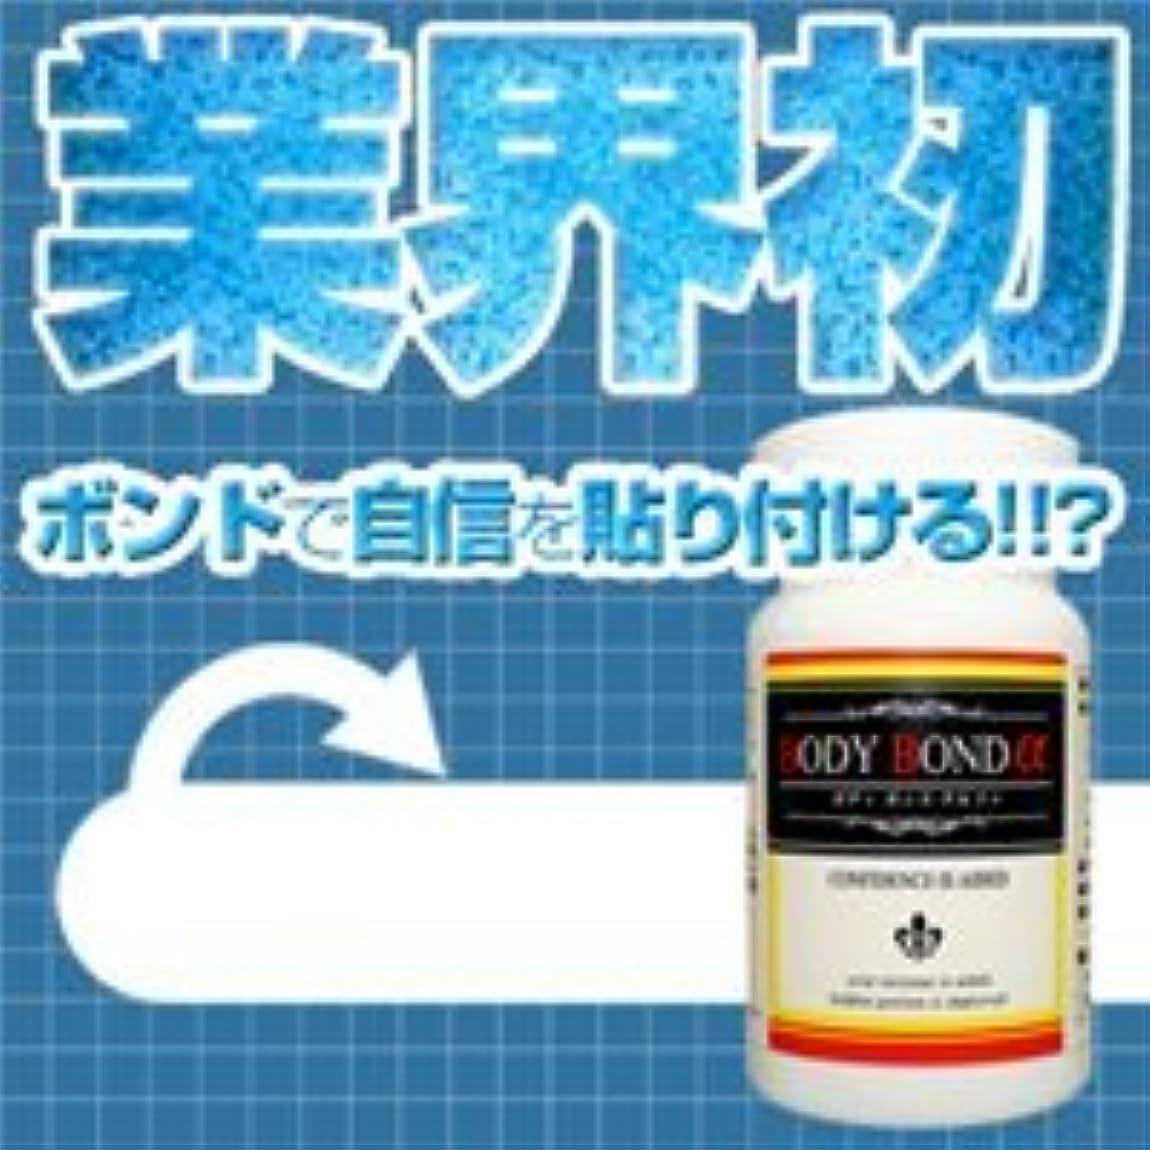 傾くの慈悲で夢BODY BOND α(ボディボンドアルファ)/【CC】